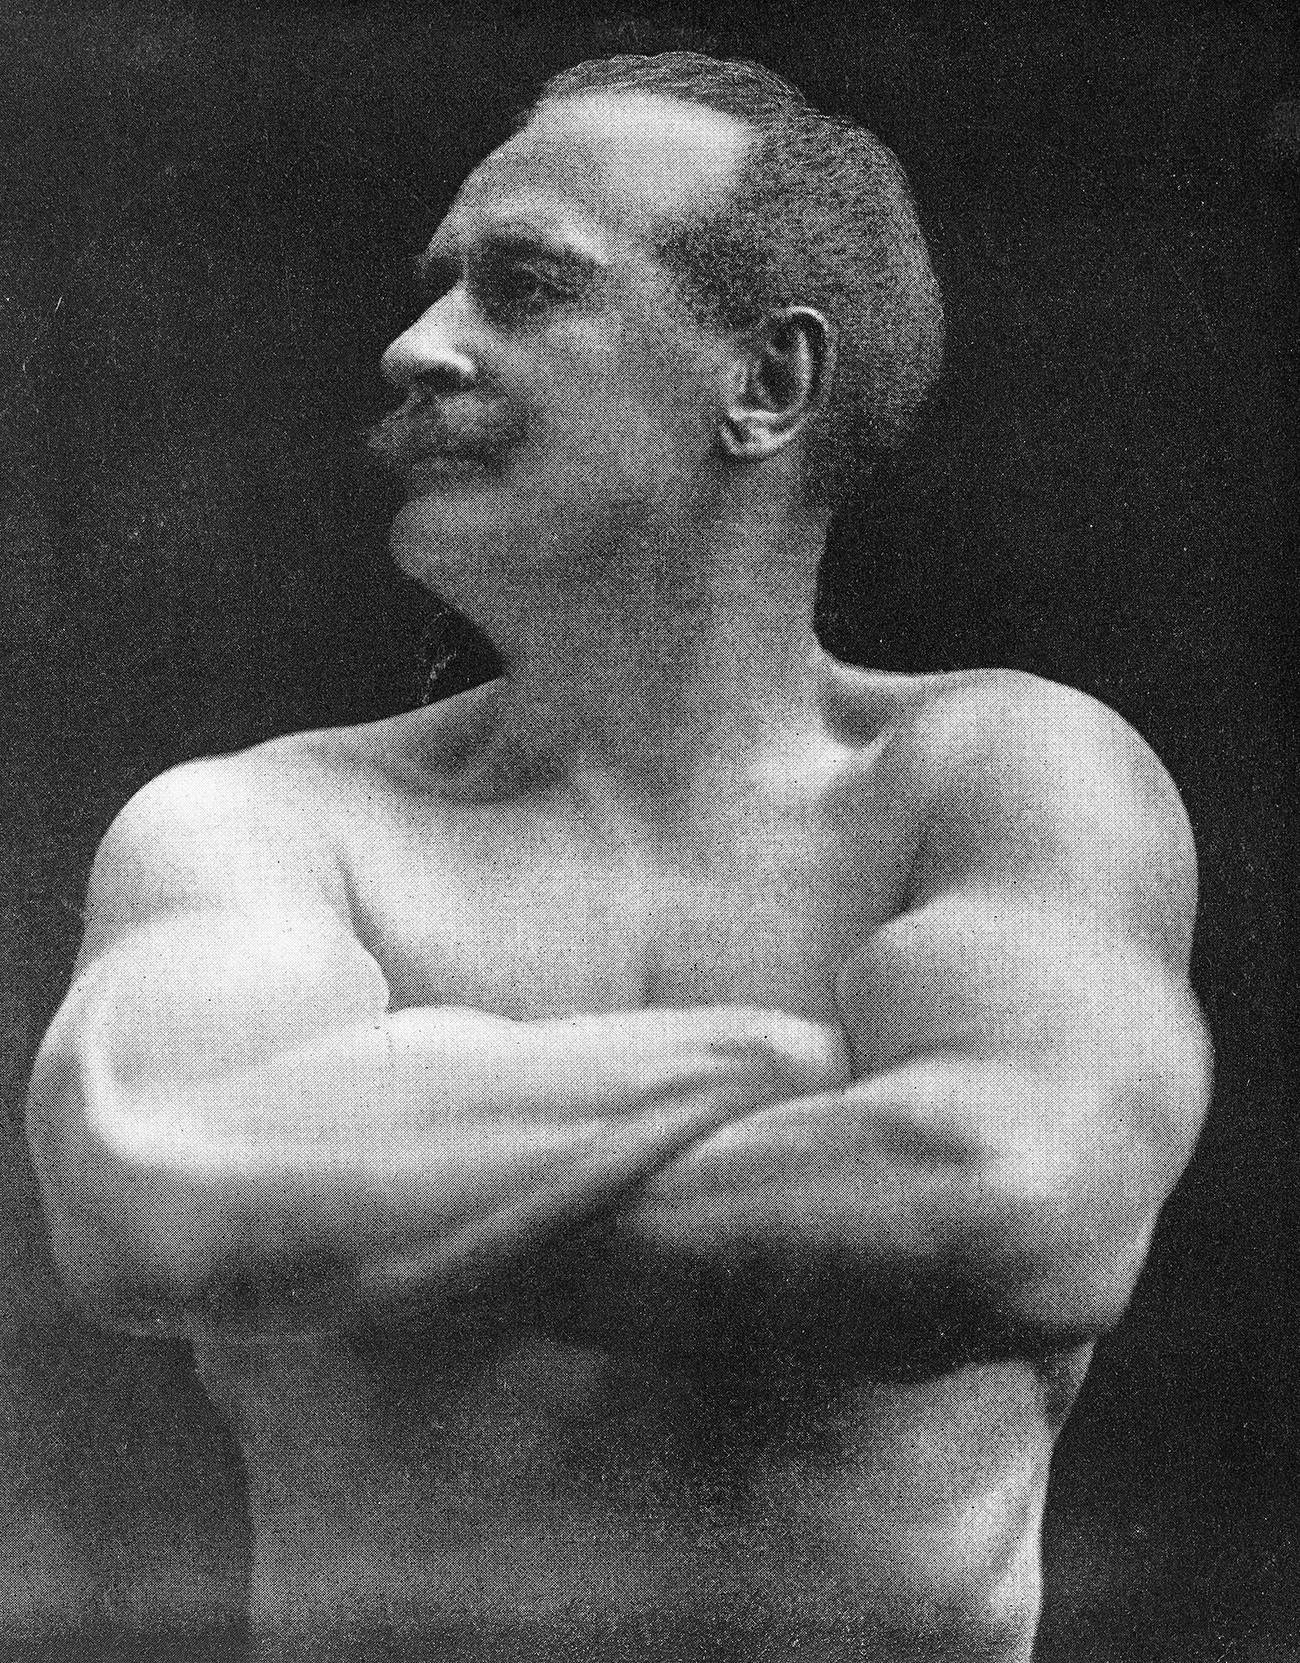 Jevgenij Sandov u 52. godini života